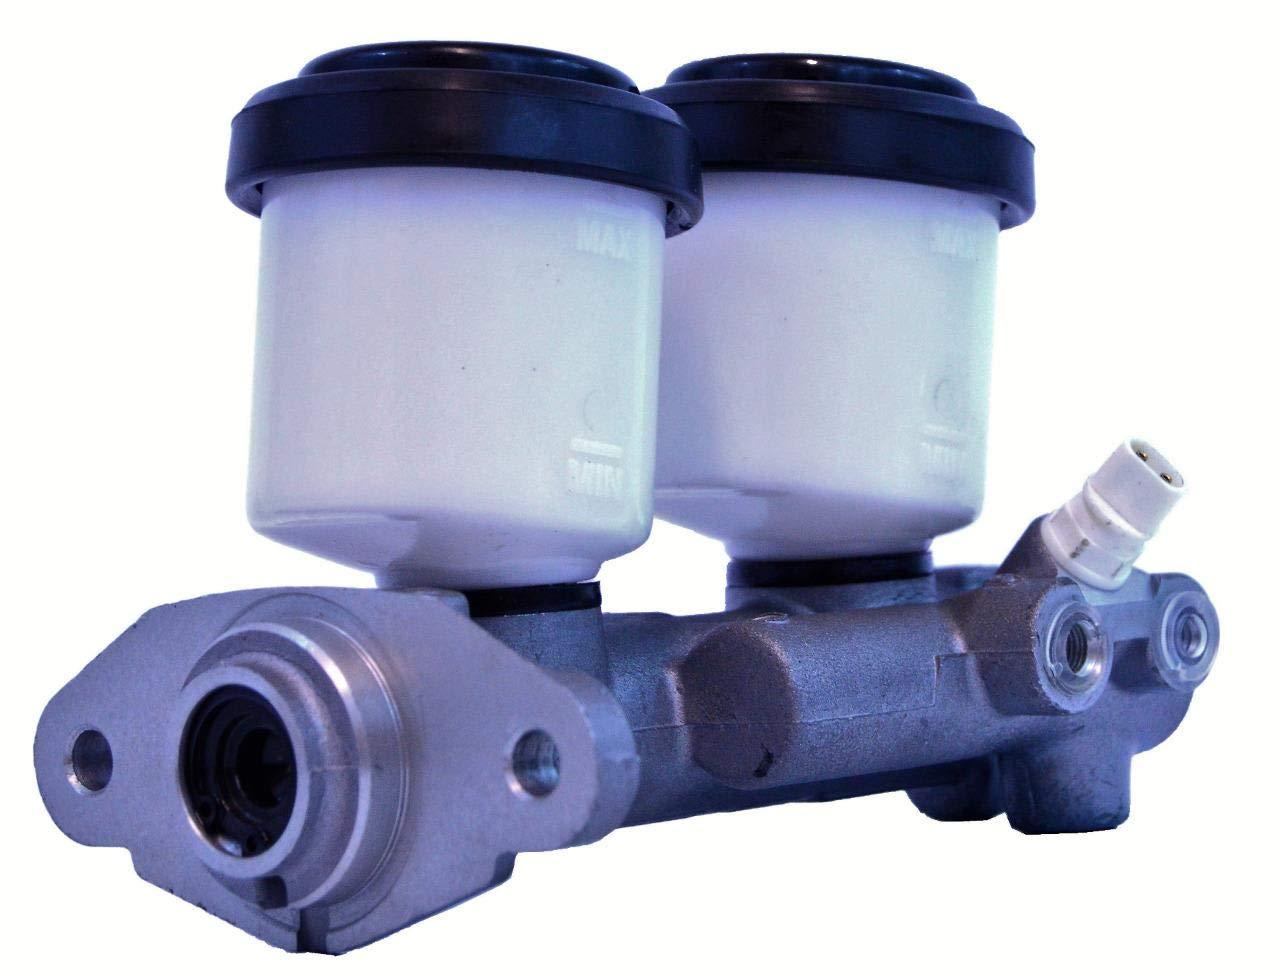 Brake Master Cylinder for CORVETTE 1986 1987 1988 Master Cylidner